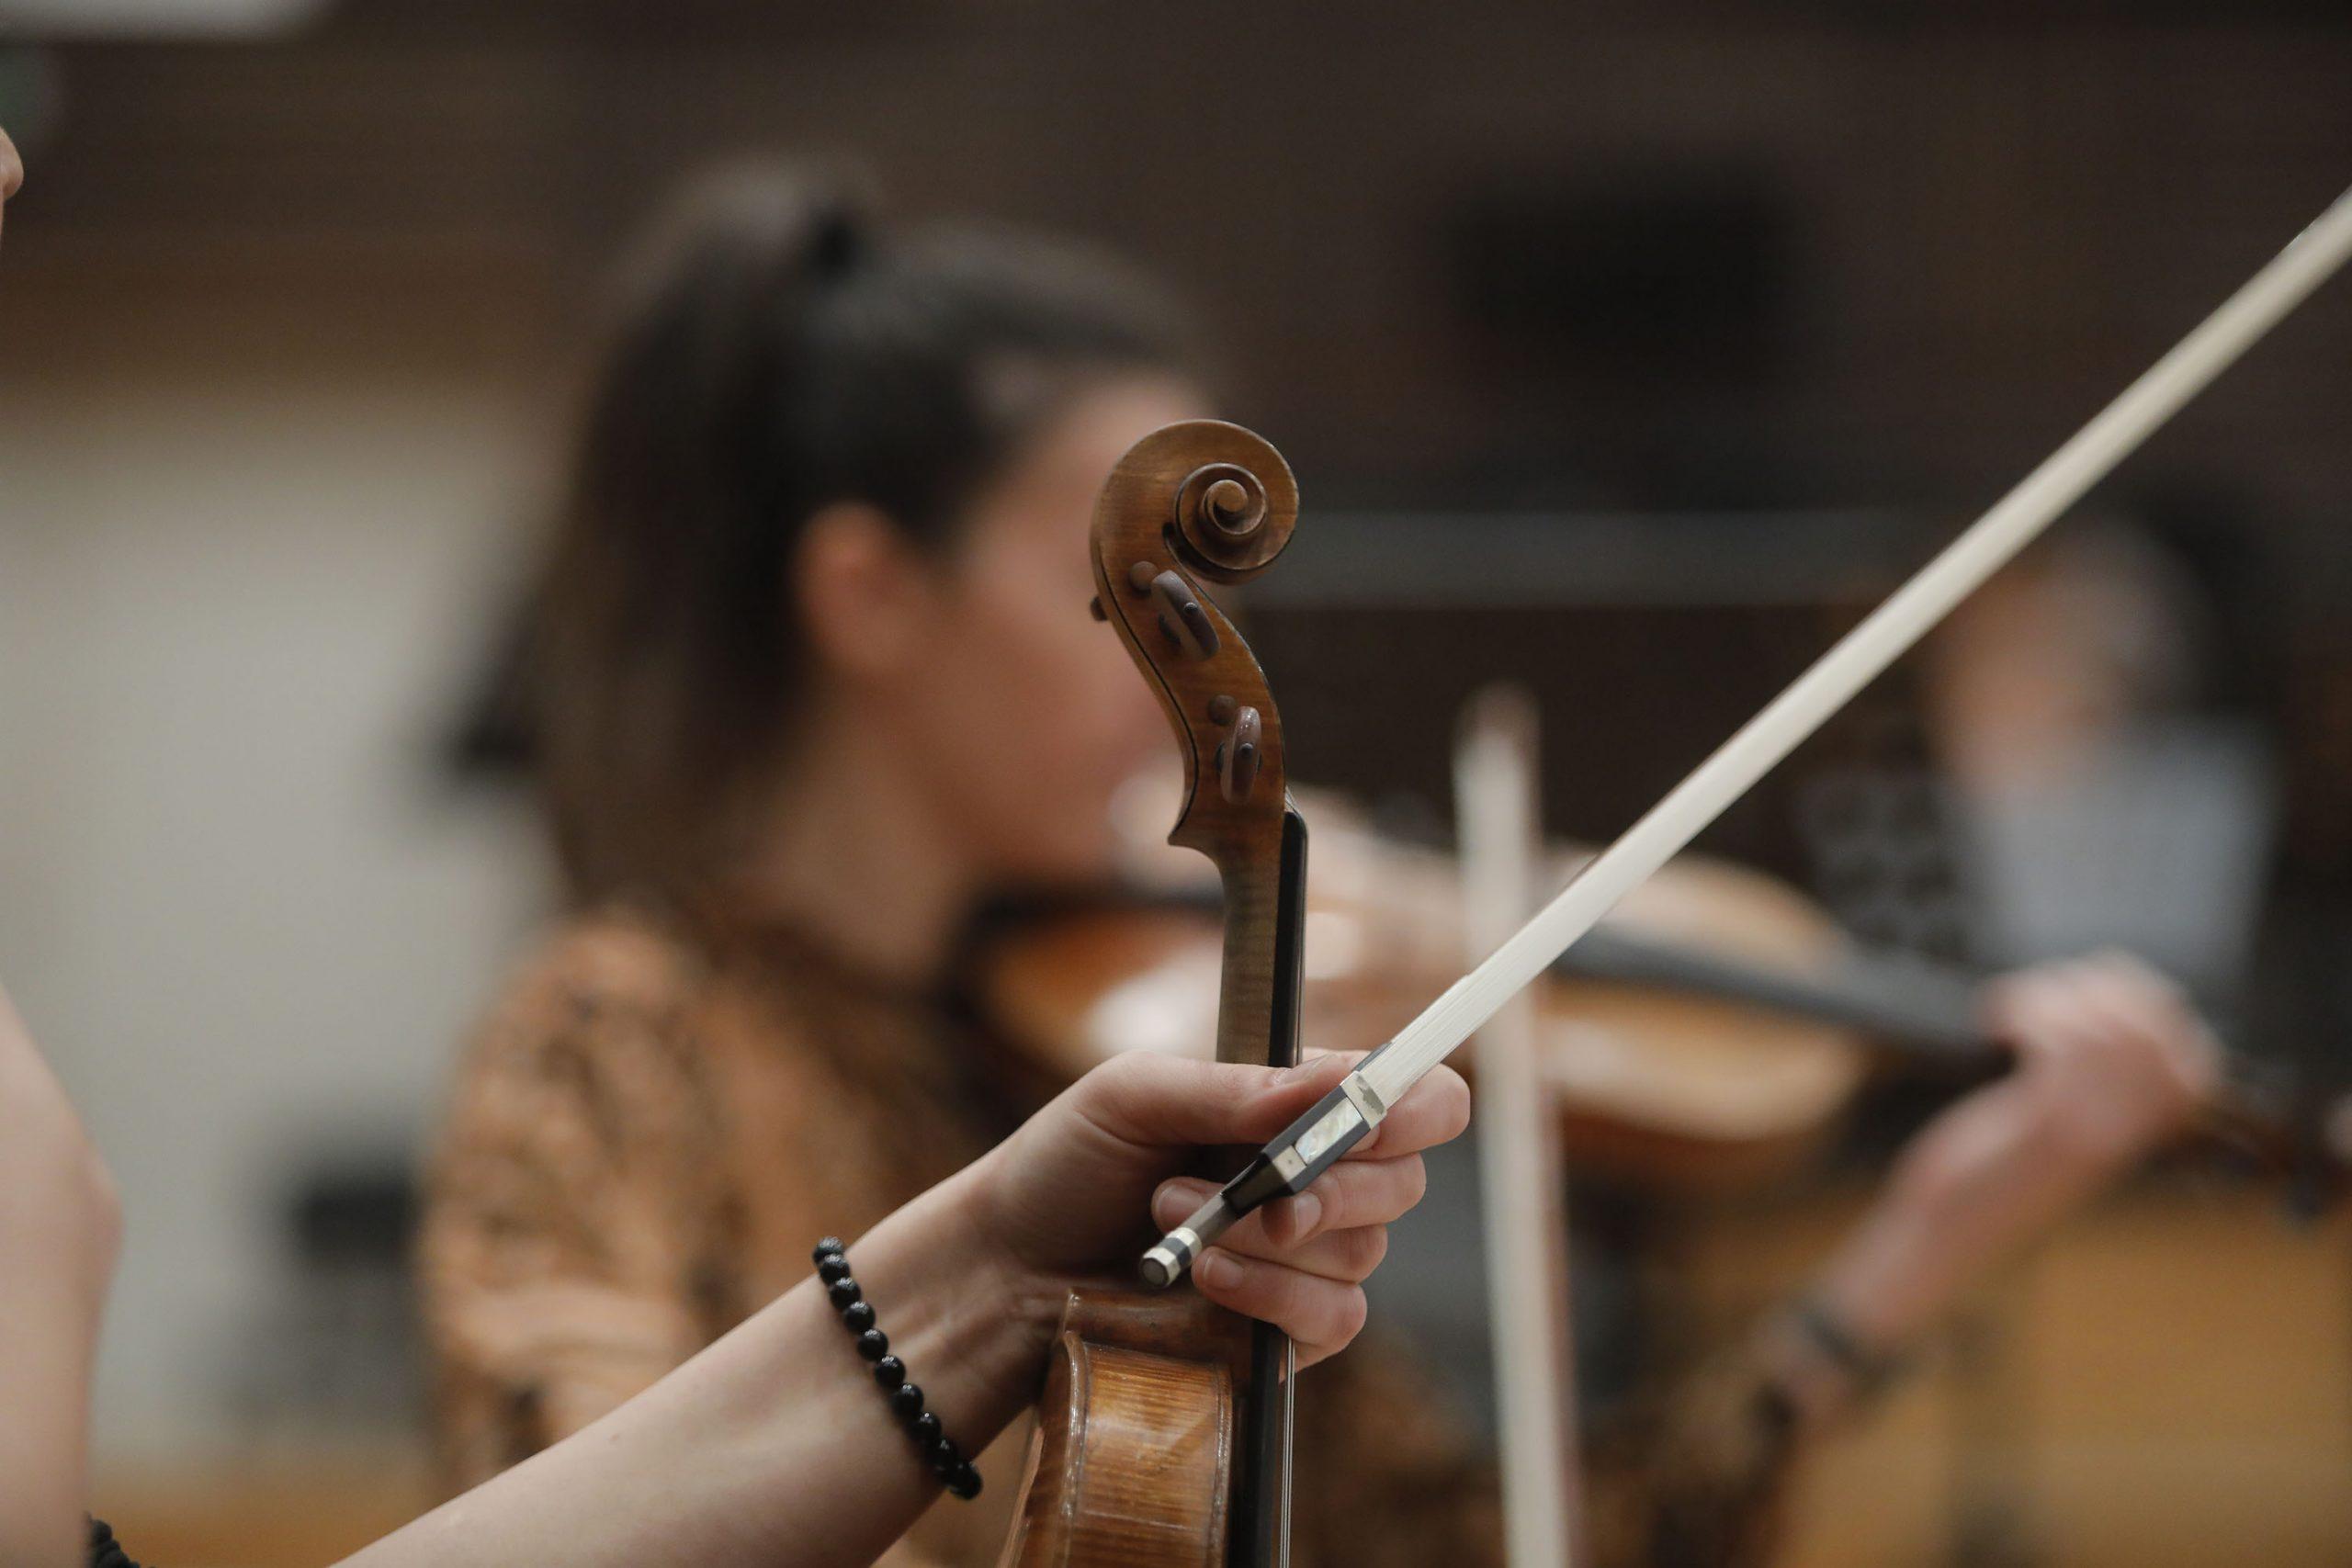 Filharmonijski koncerti posvećeni uspomeni na Zorana Đinđića 1